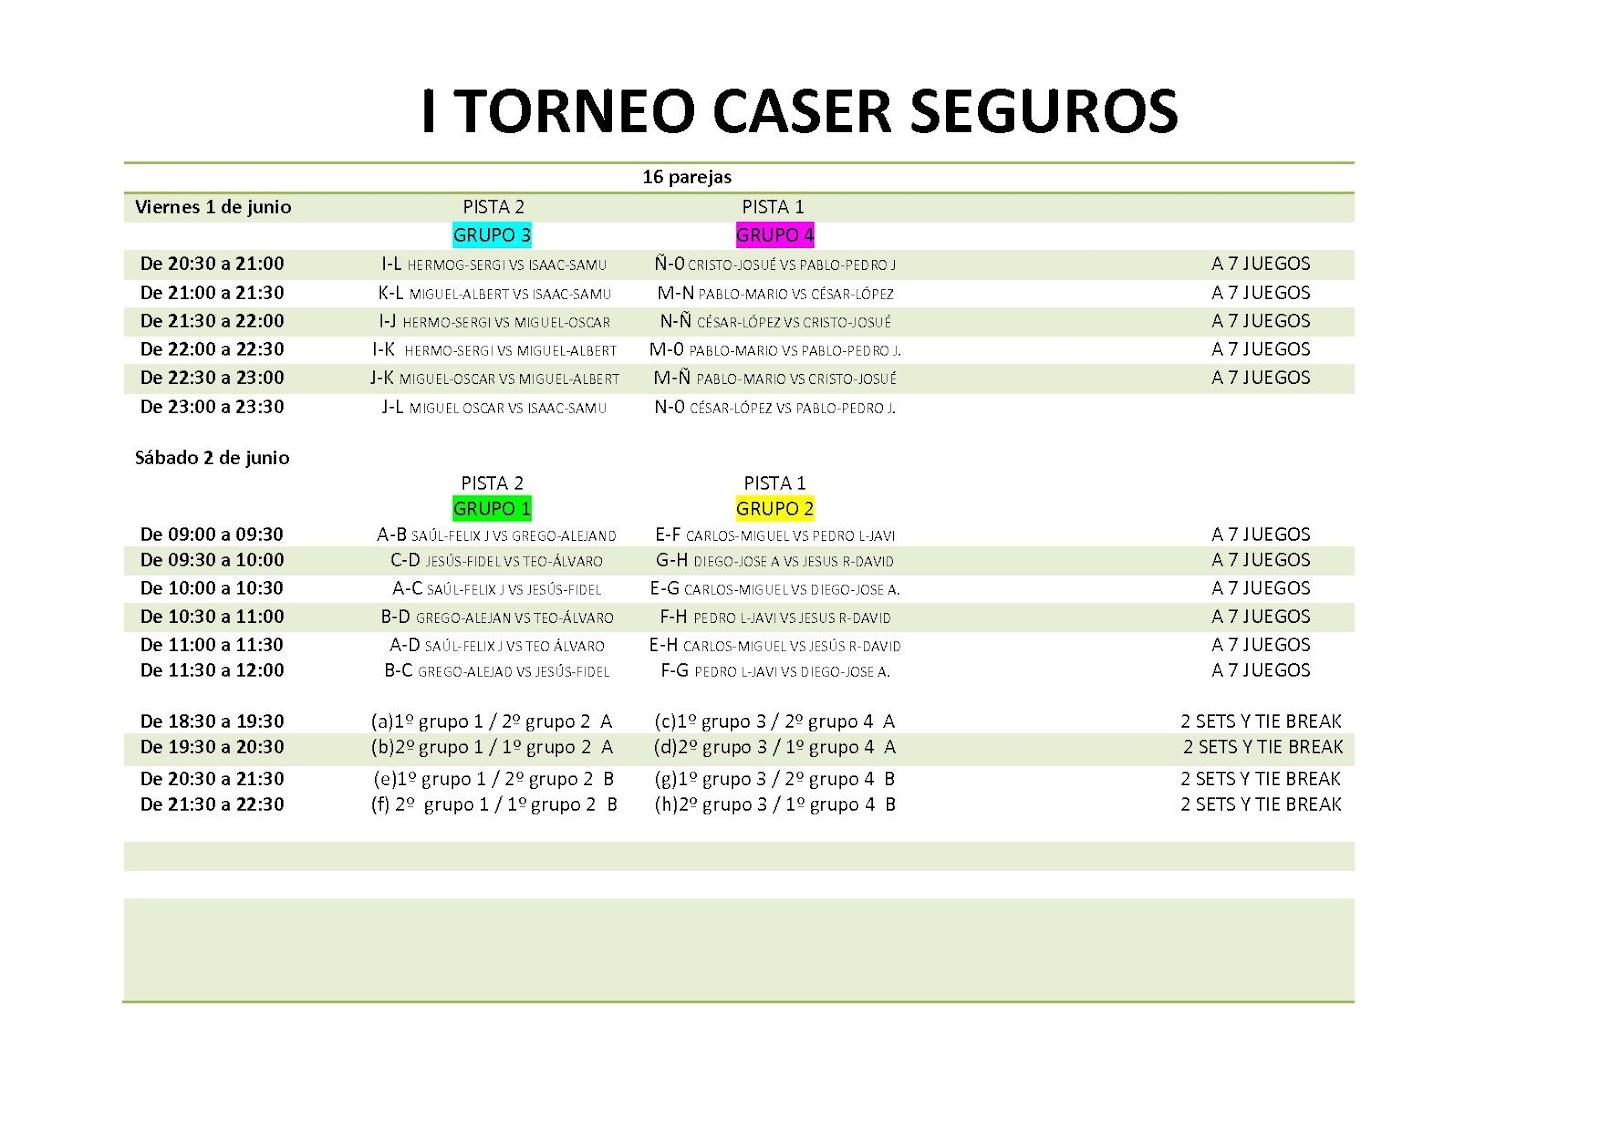 Padel de pedro mu oz mayo 2012 - Caser seguros opiniones ...